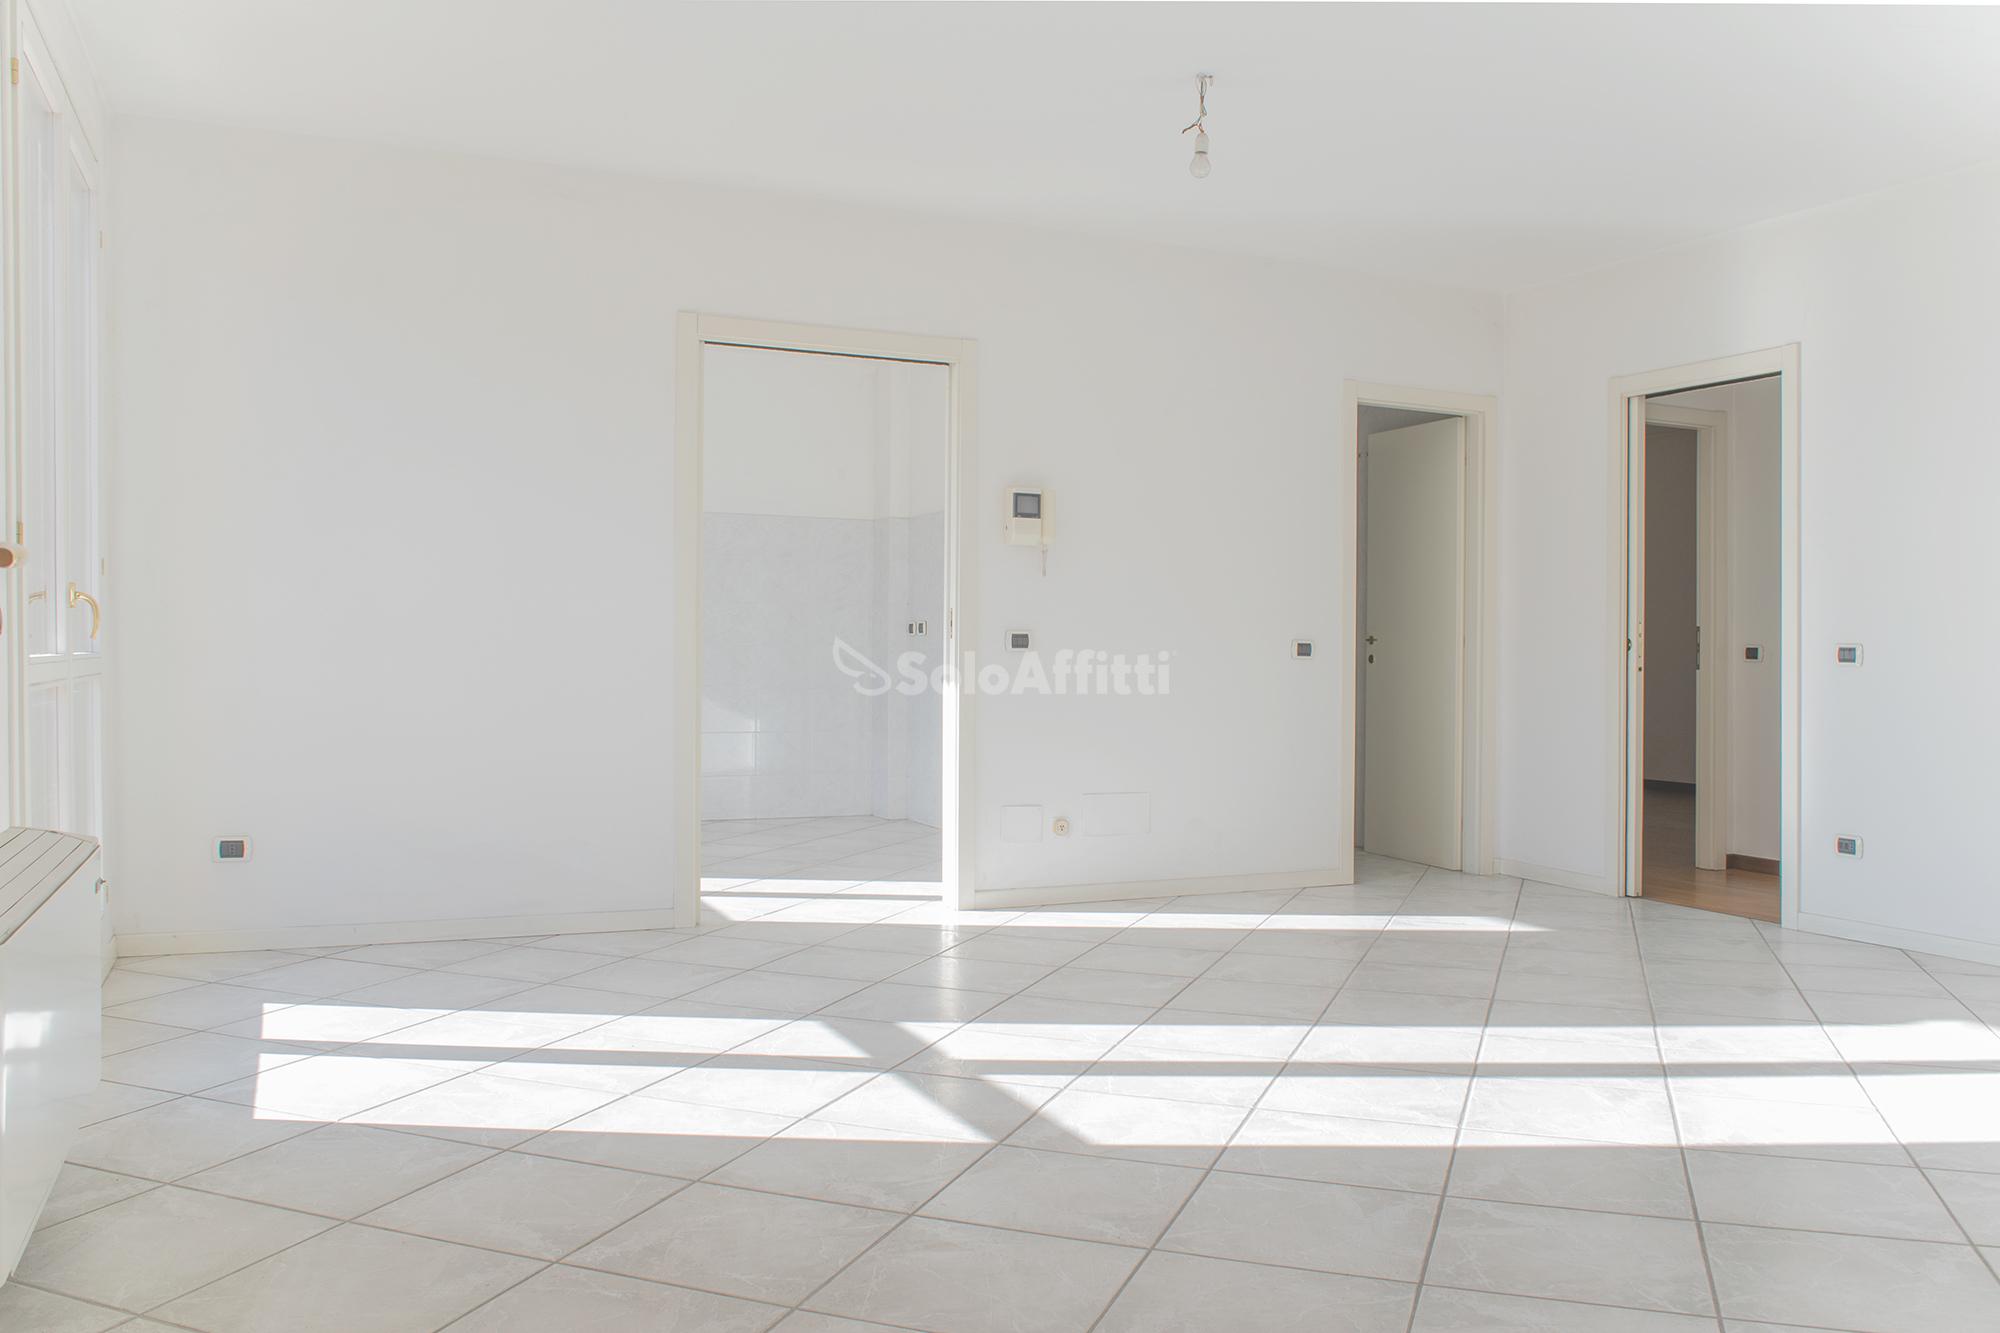 Appartamento Attico 6 vani 160 mq.